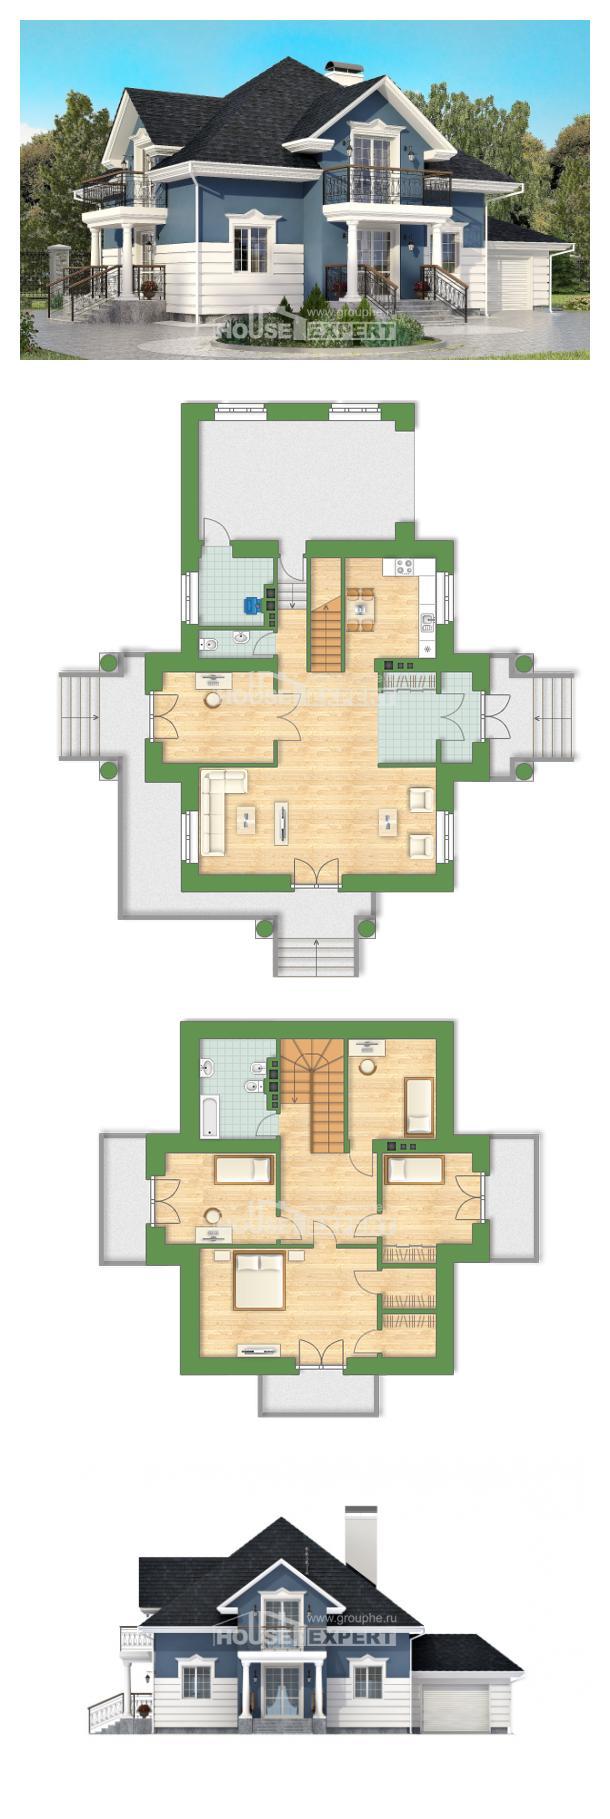 Проект дома 180-002-П | House Expert